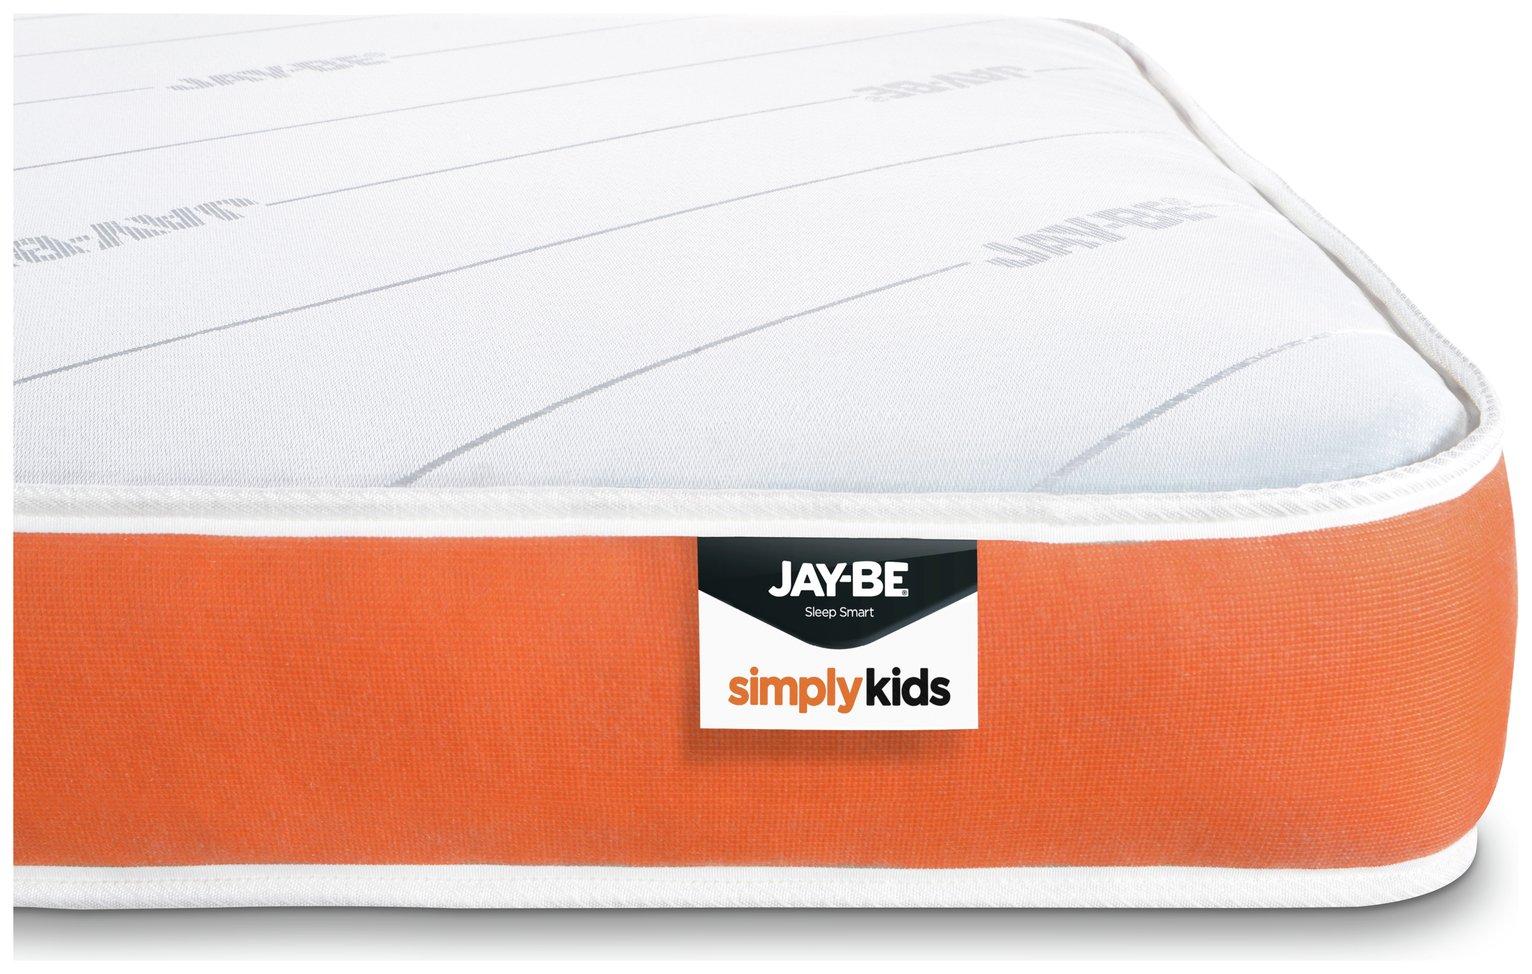 JAY-BE Open Coil Foam Free Kids Single Mattress